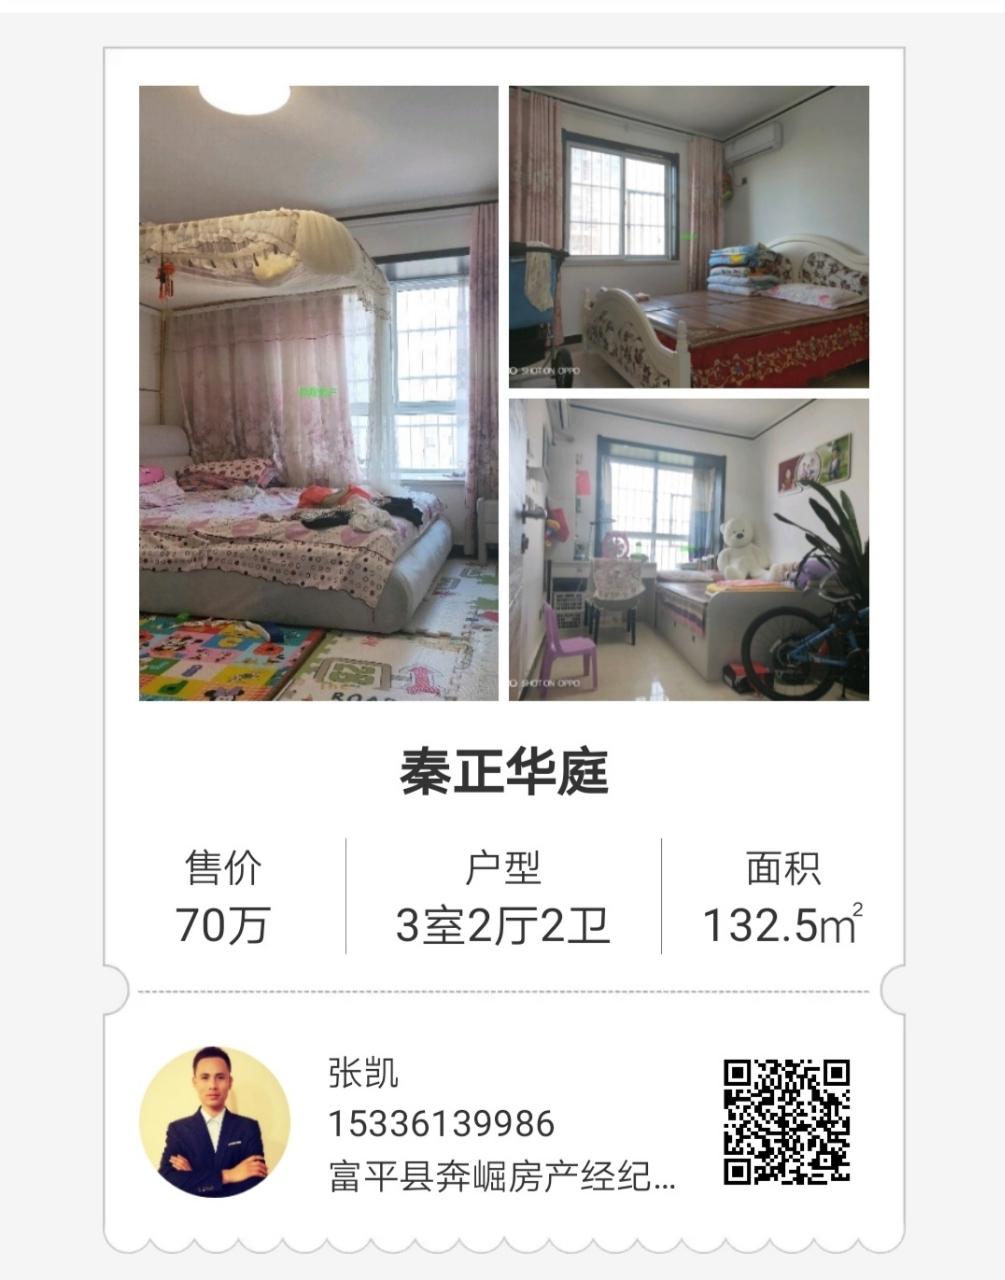 富平县,二手房,新房请扫码看房,房源真实有效